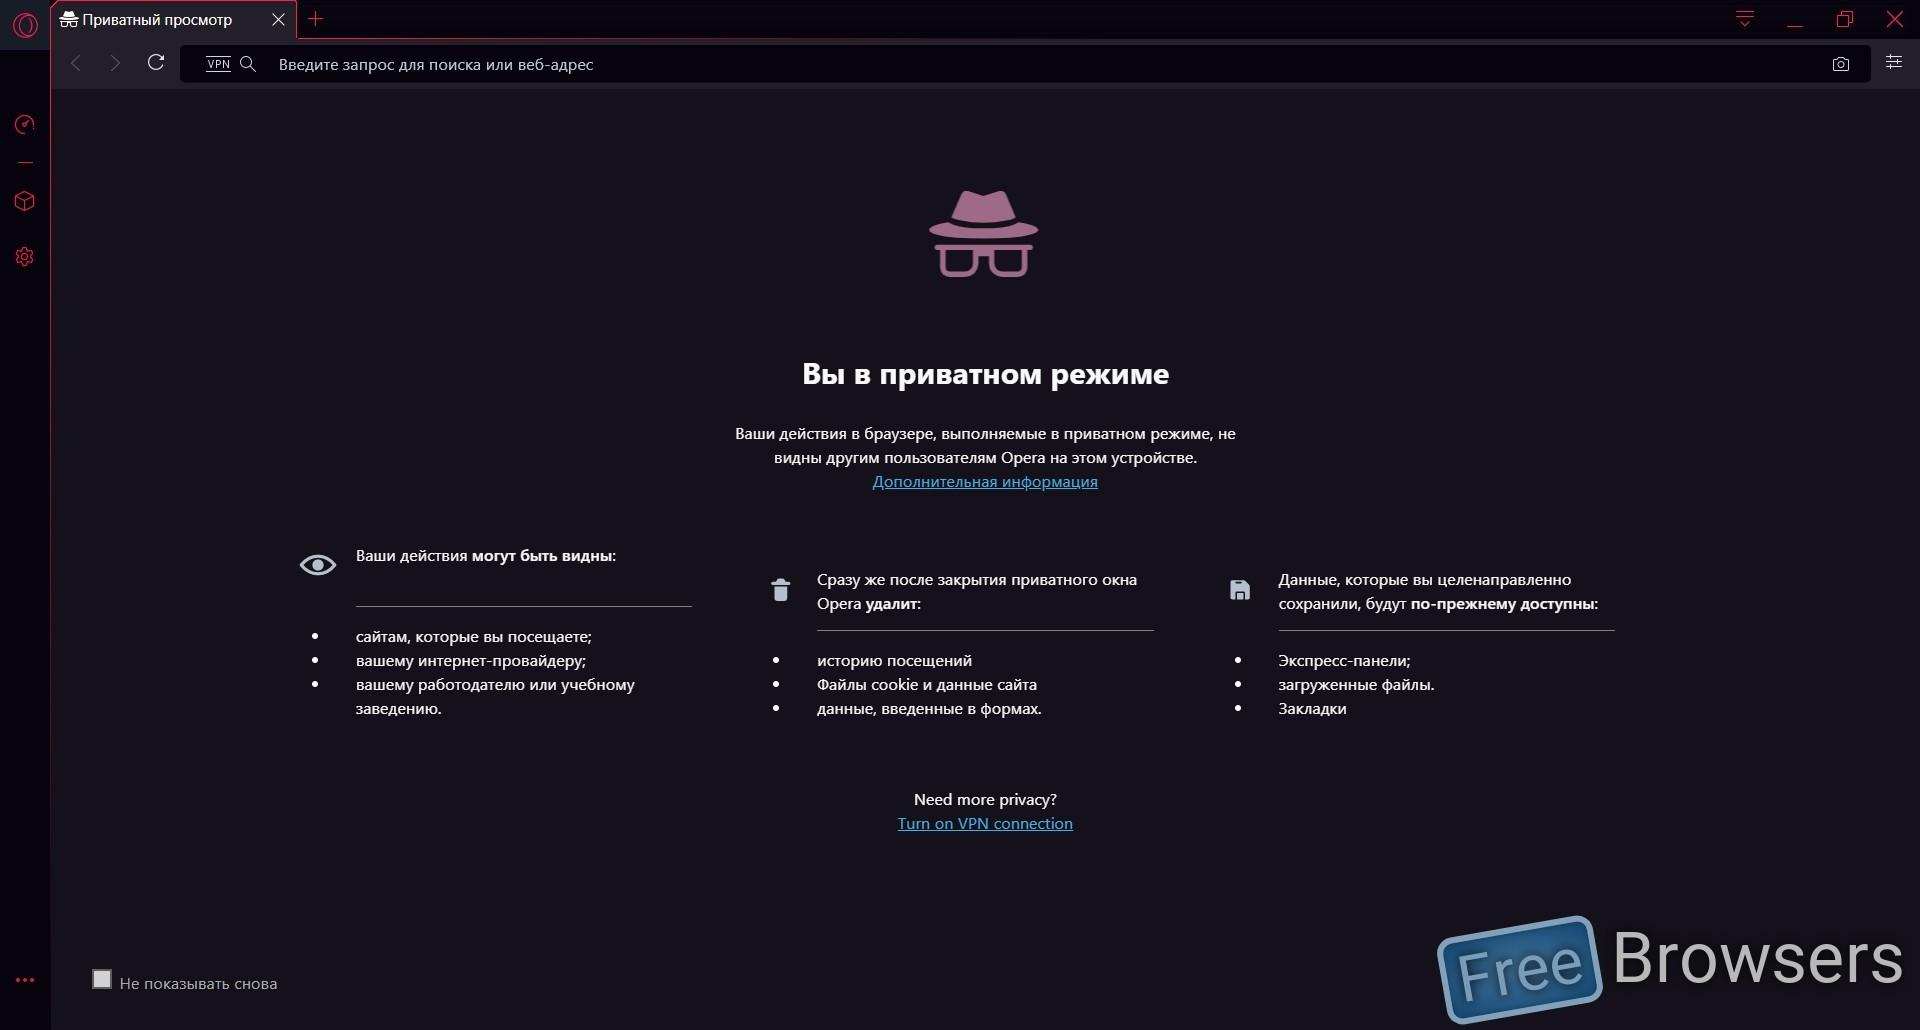 бесплатные блокировщики рекламы на русском скачать бесплатно